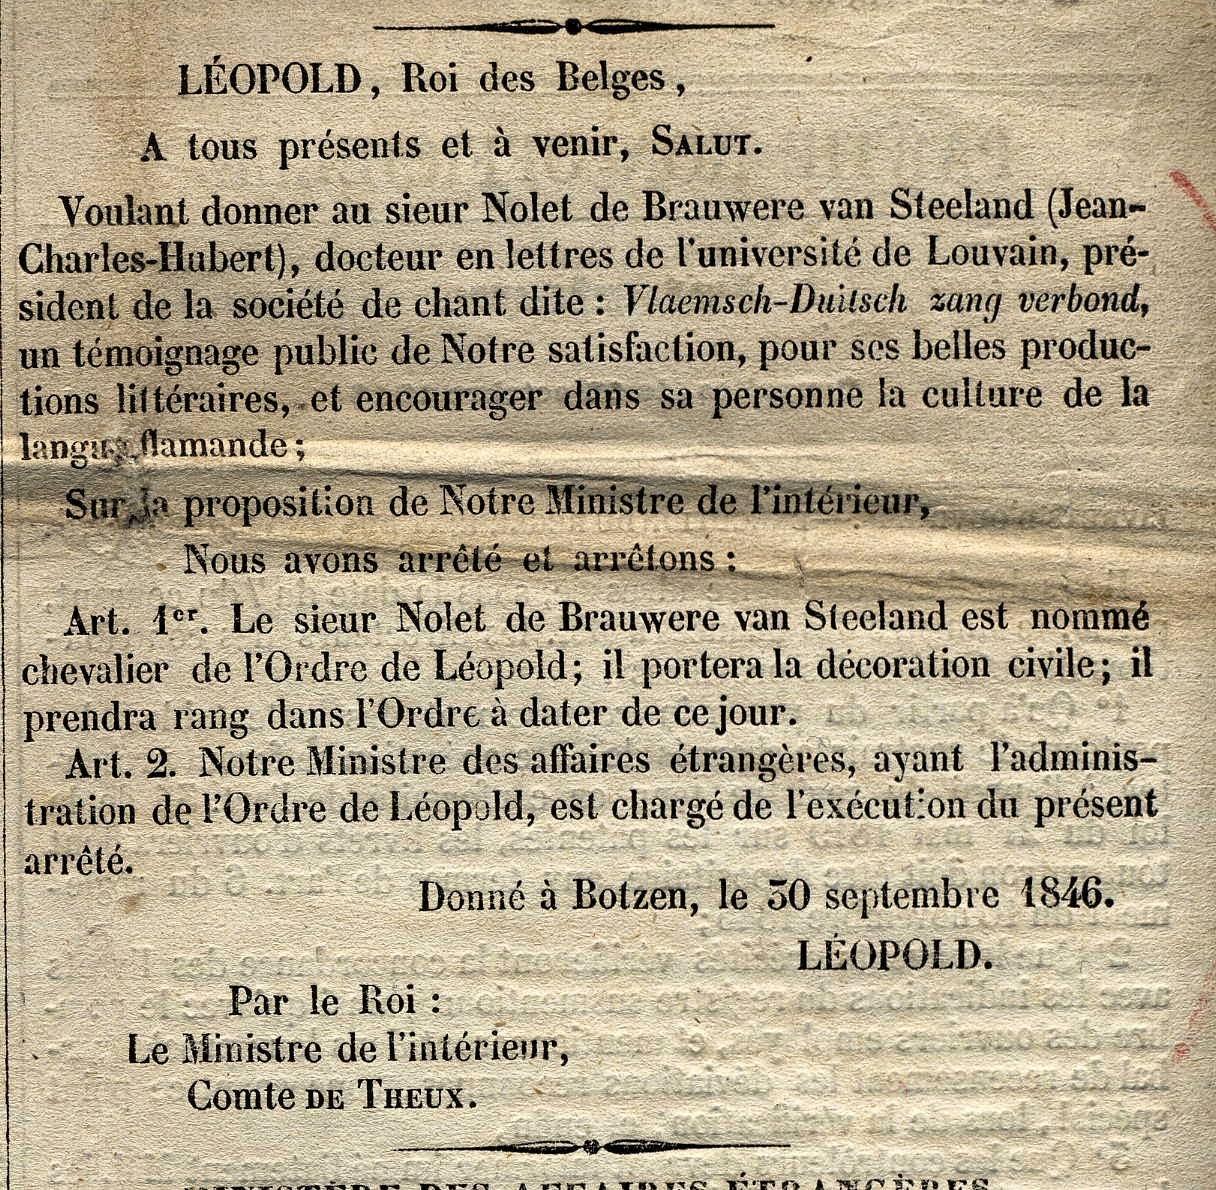 Moniteur belge n° 290, 1846. Archives Nolet de Brauwere van Steeland.